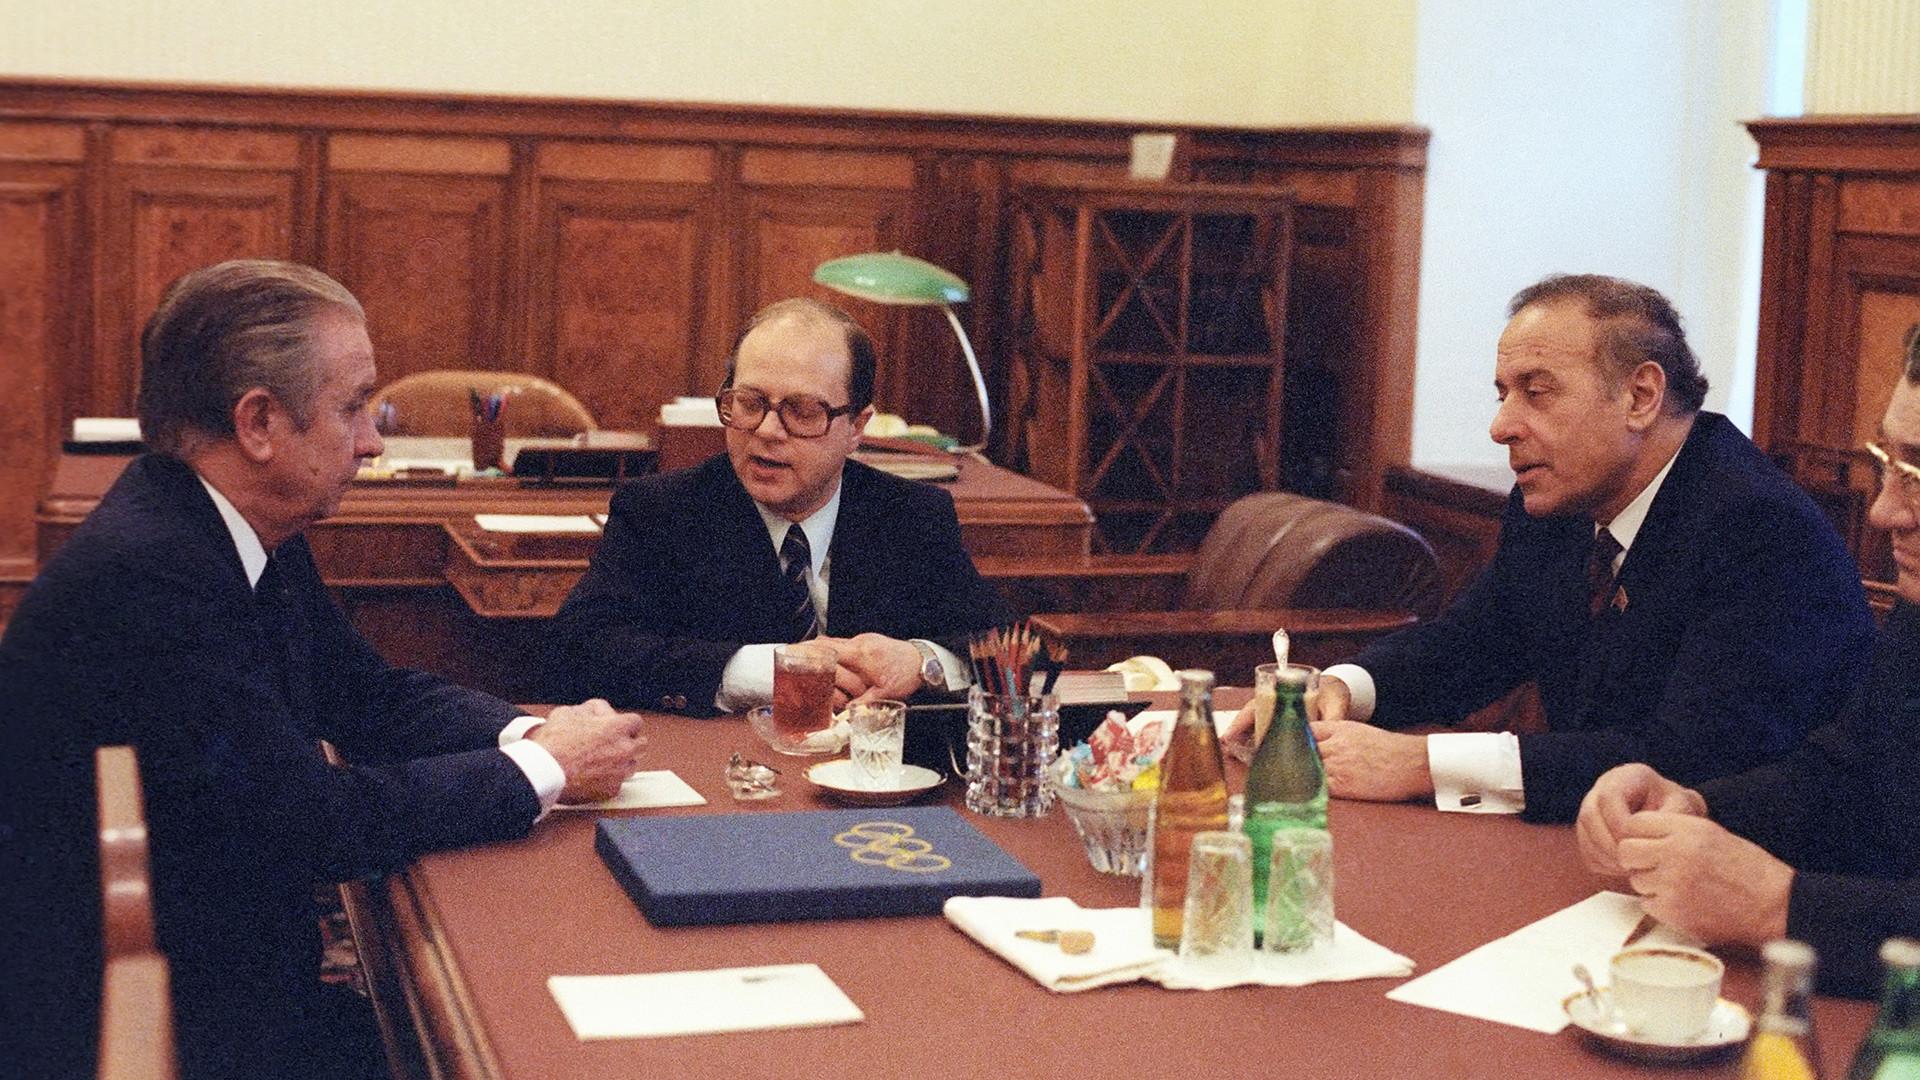 ヘイダル・アリエフソ連政府(閣僚会議)第一副首相(右側)とフアン・アントニオ・サマランチIOC会長(左側)